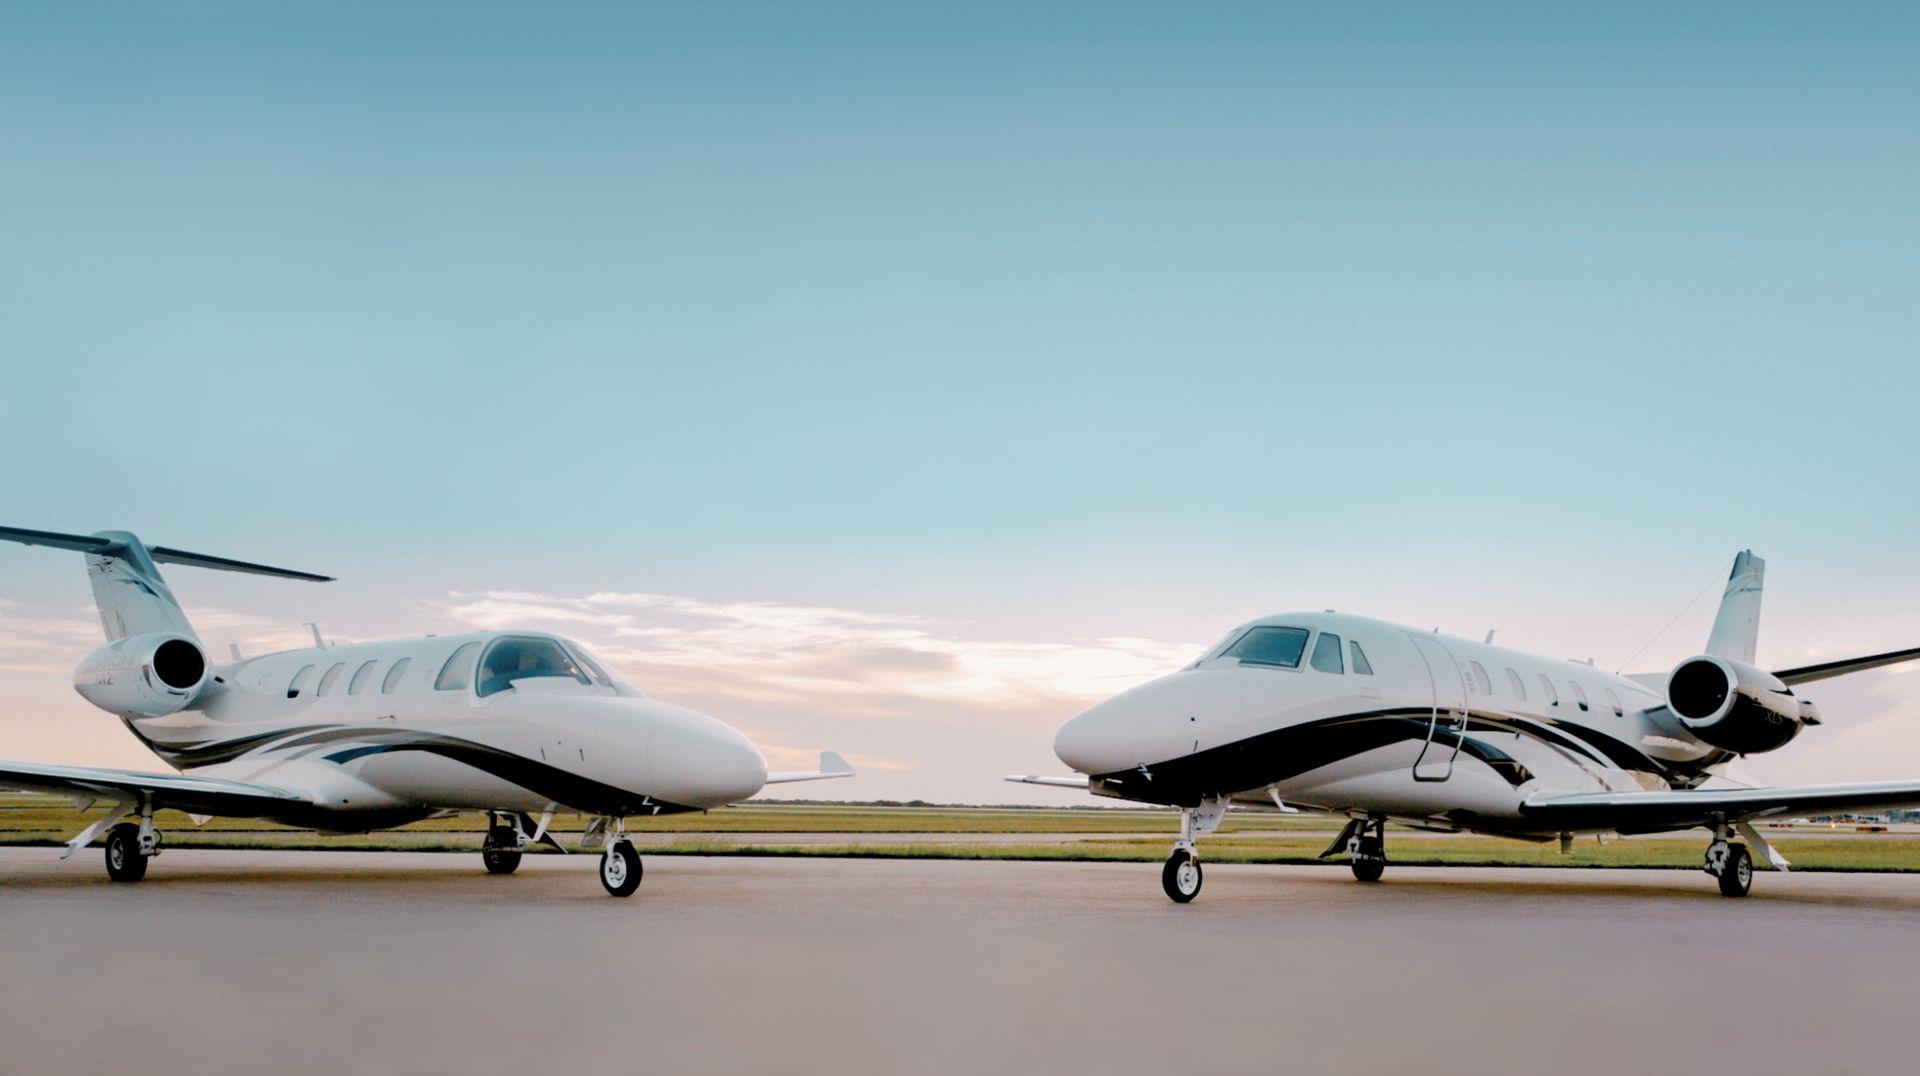 Цепочка поставок для авиации сталкивается с растущим напряжением по мере роста спроса